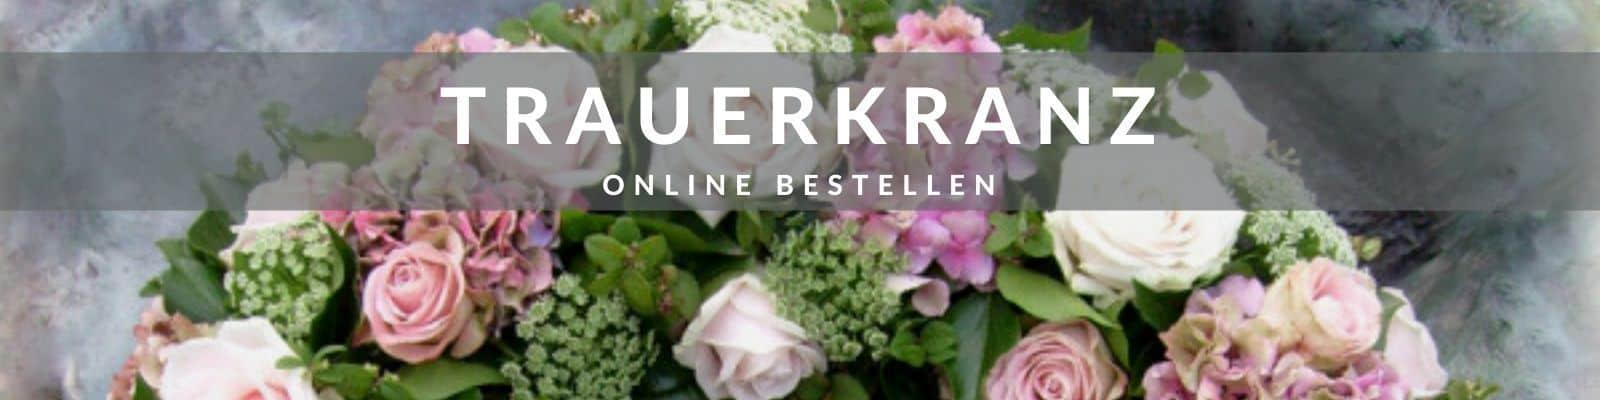 Trauerkranz mit Schleife online bestellen - Beerdigungskranz